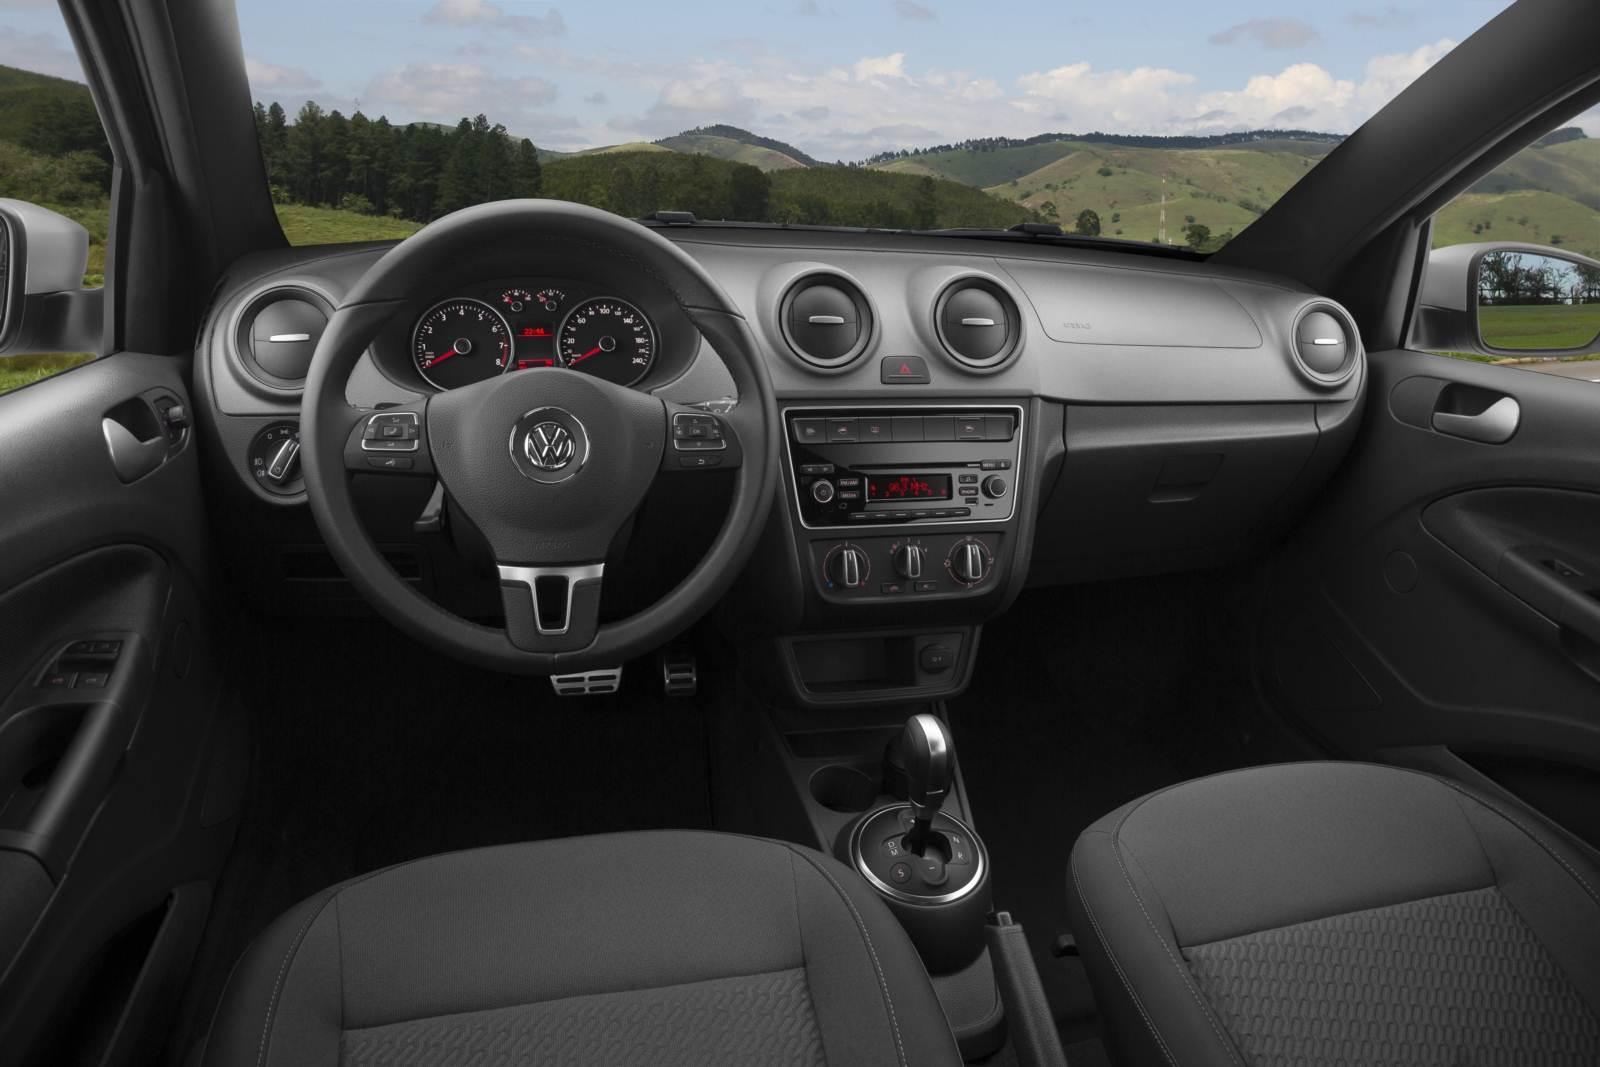 novo VW Gol G6 2015 - interior